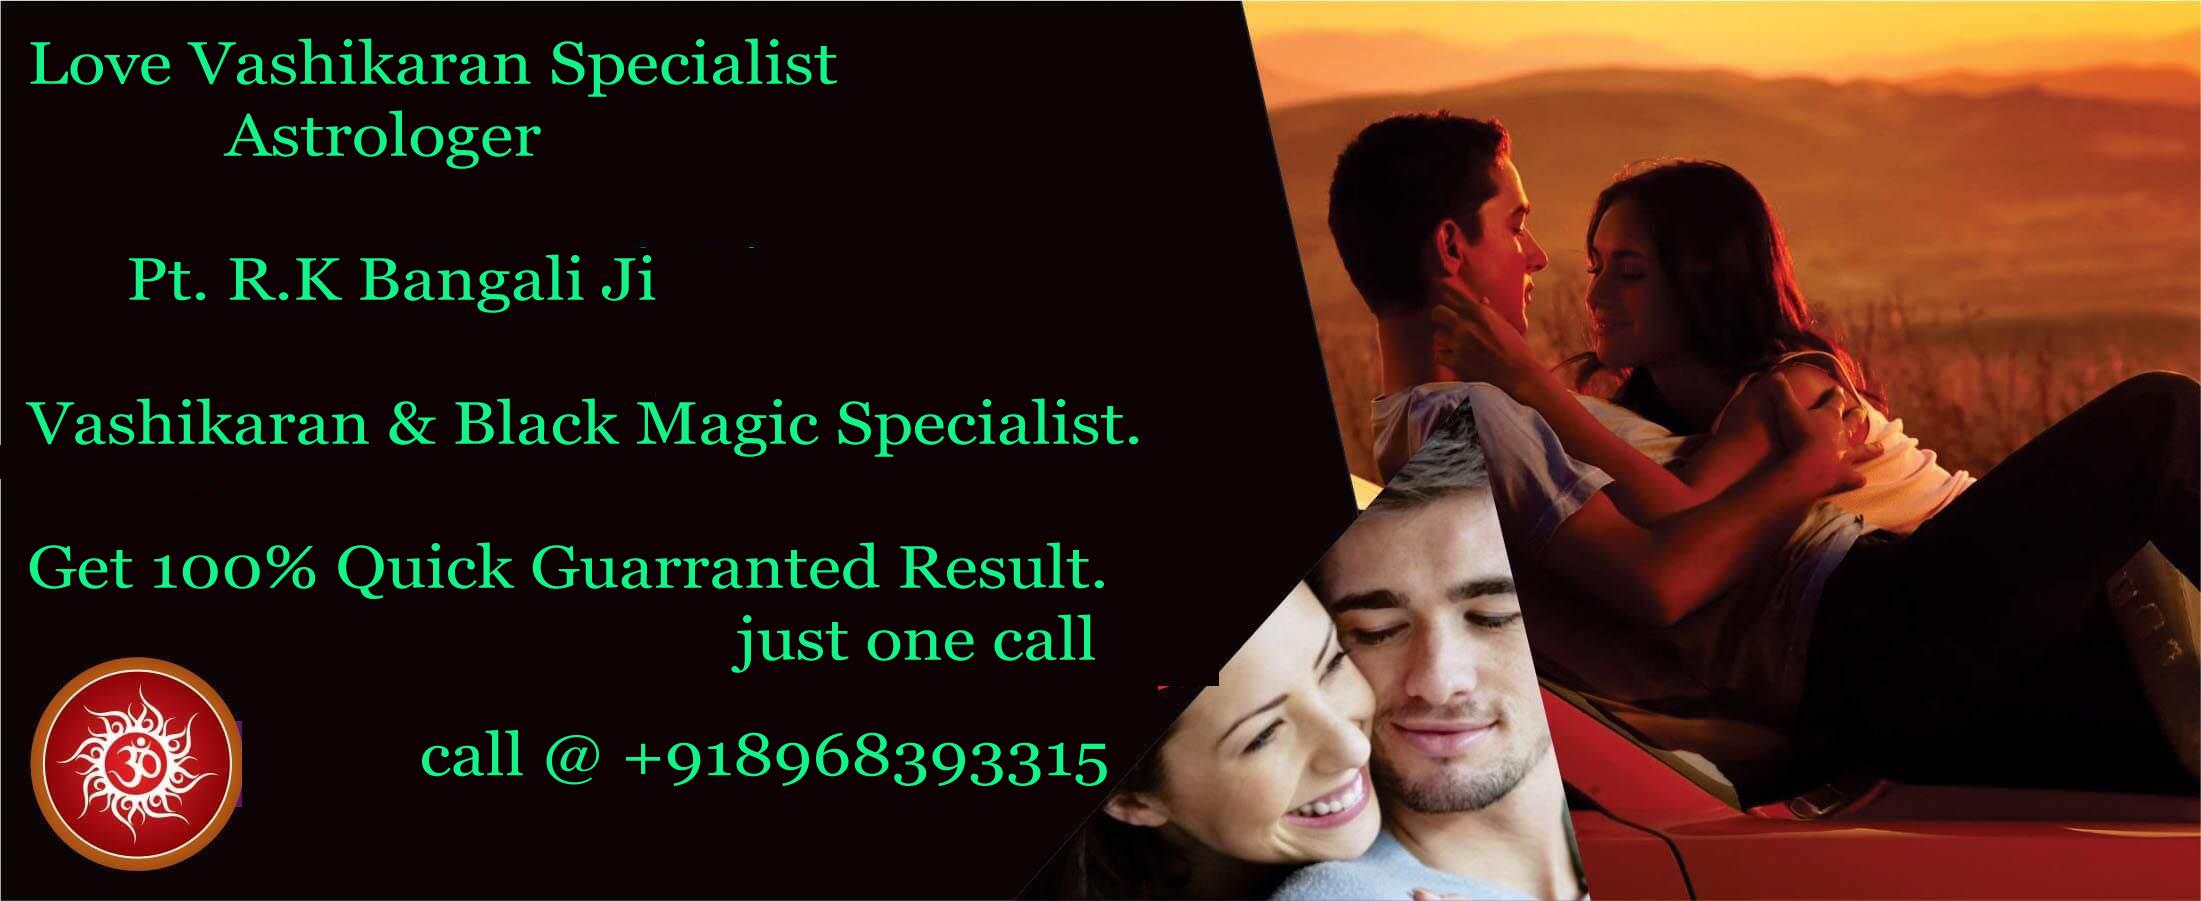 Love Problem Solution Astrologer +918968393315 -